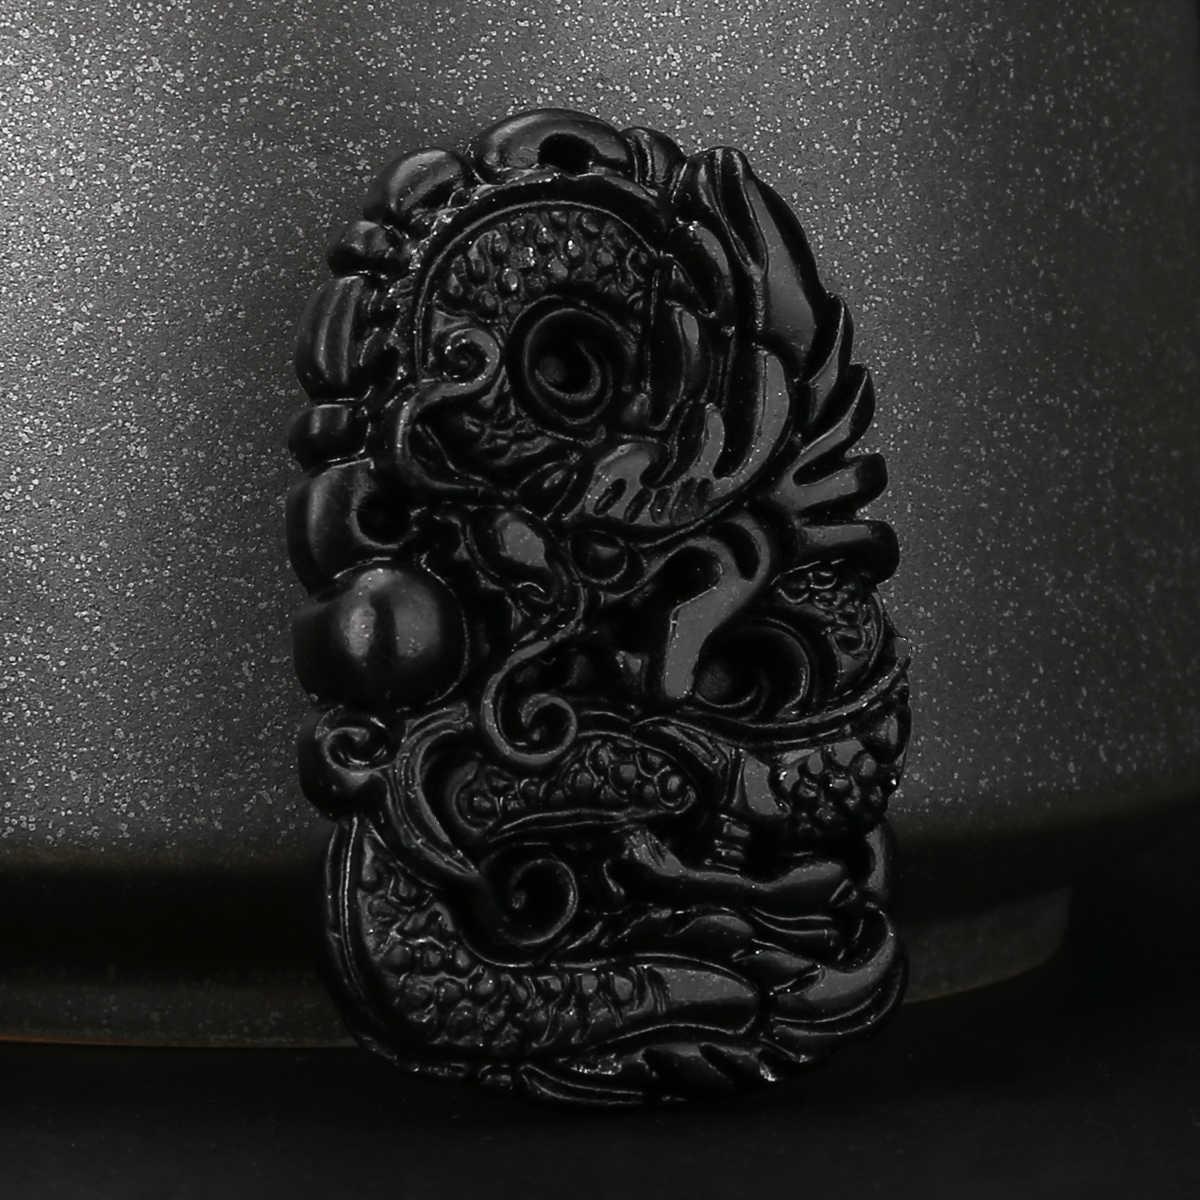 1pc ธรรมชาติที่สวยงามแกะสลักมังกรสีดำสีเขียวจี้มังกรโชคดีสร้อยคอจี้ Amulet ของขวัญ